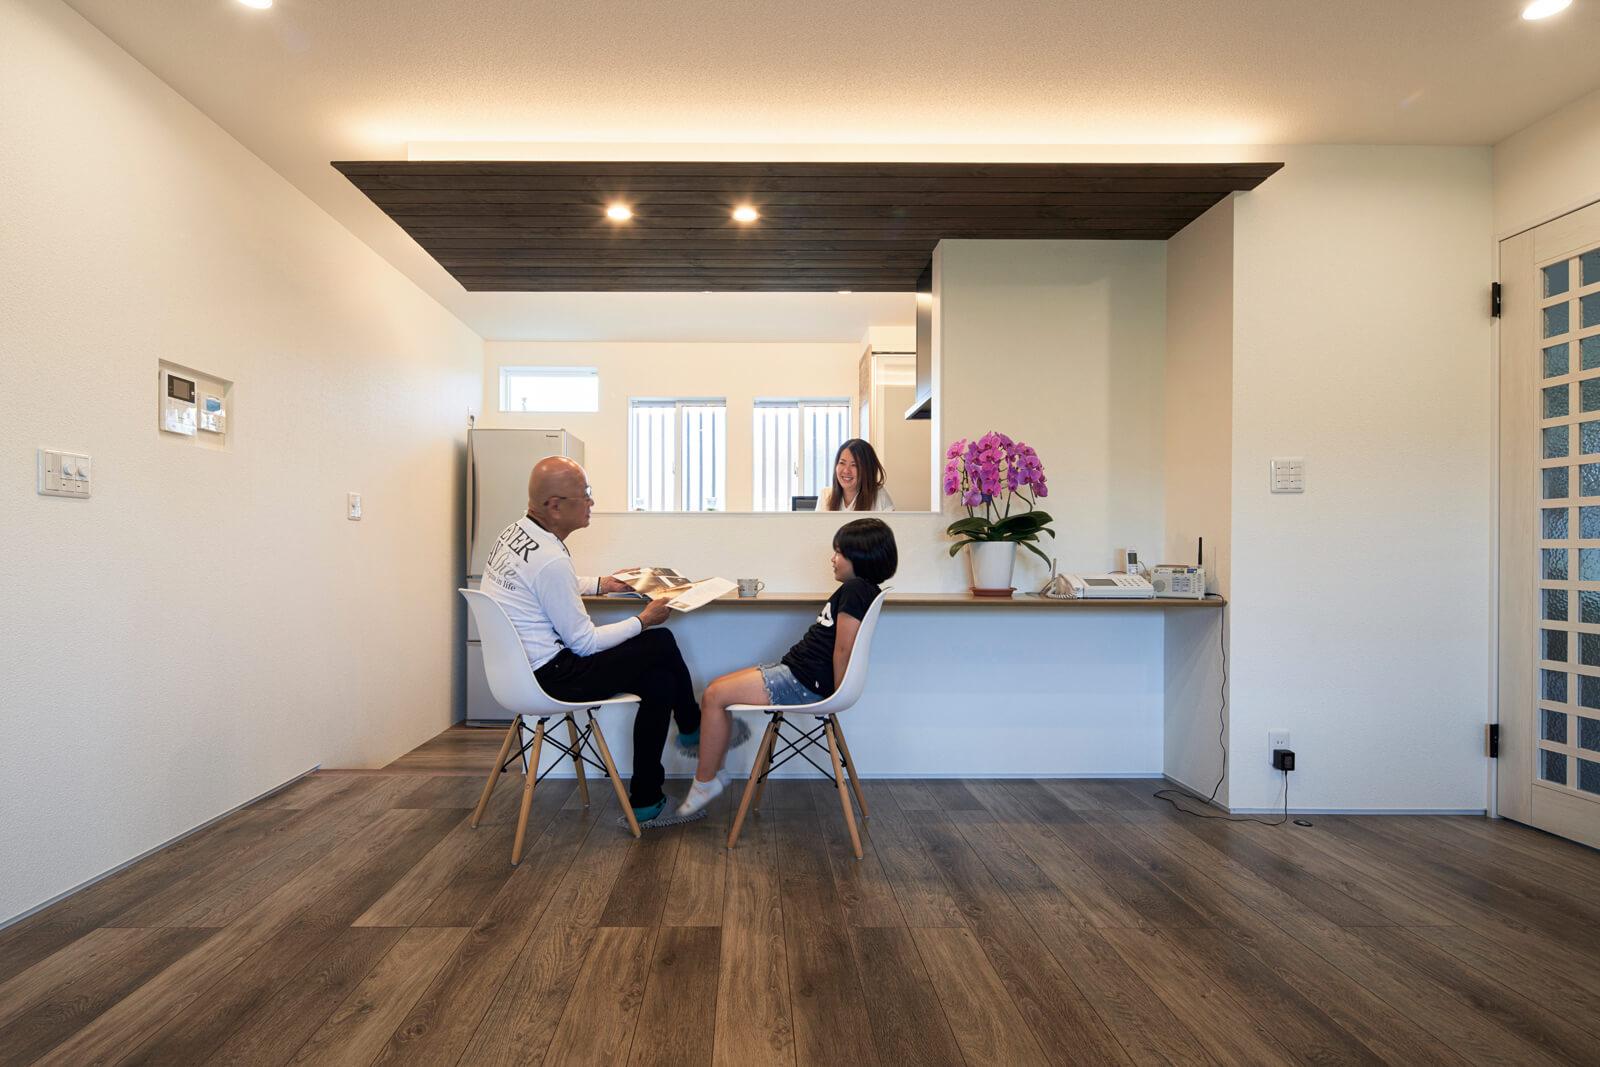 床の高さを一段下げたキッチン。料理する人とカウンターに座る人との目線の高さが合い、会話も弾む